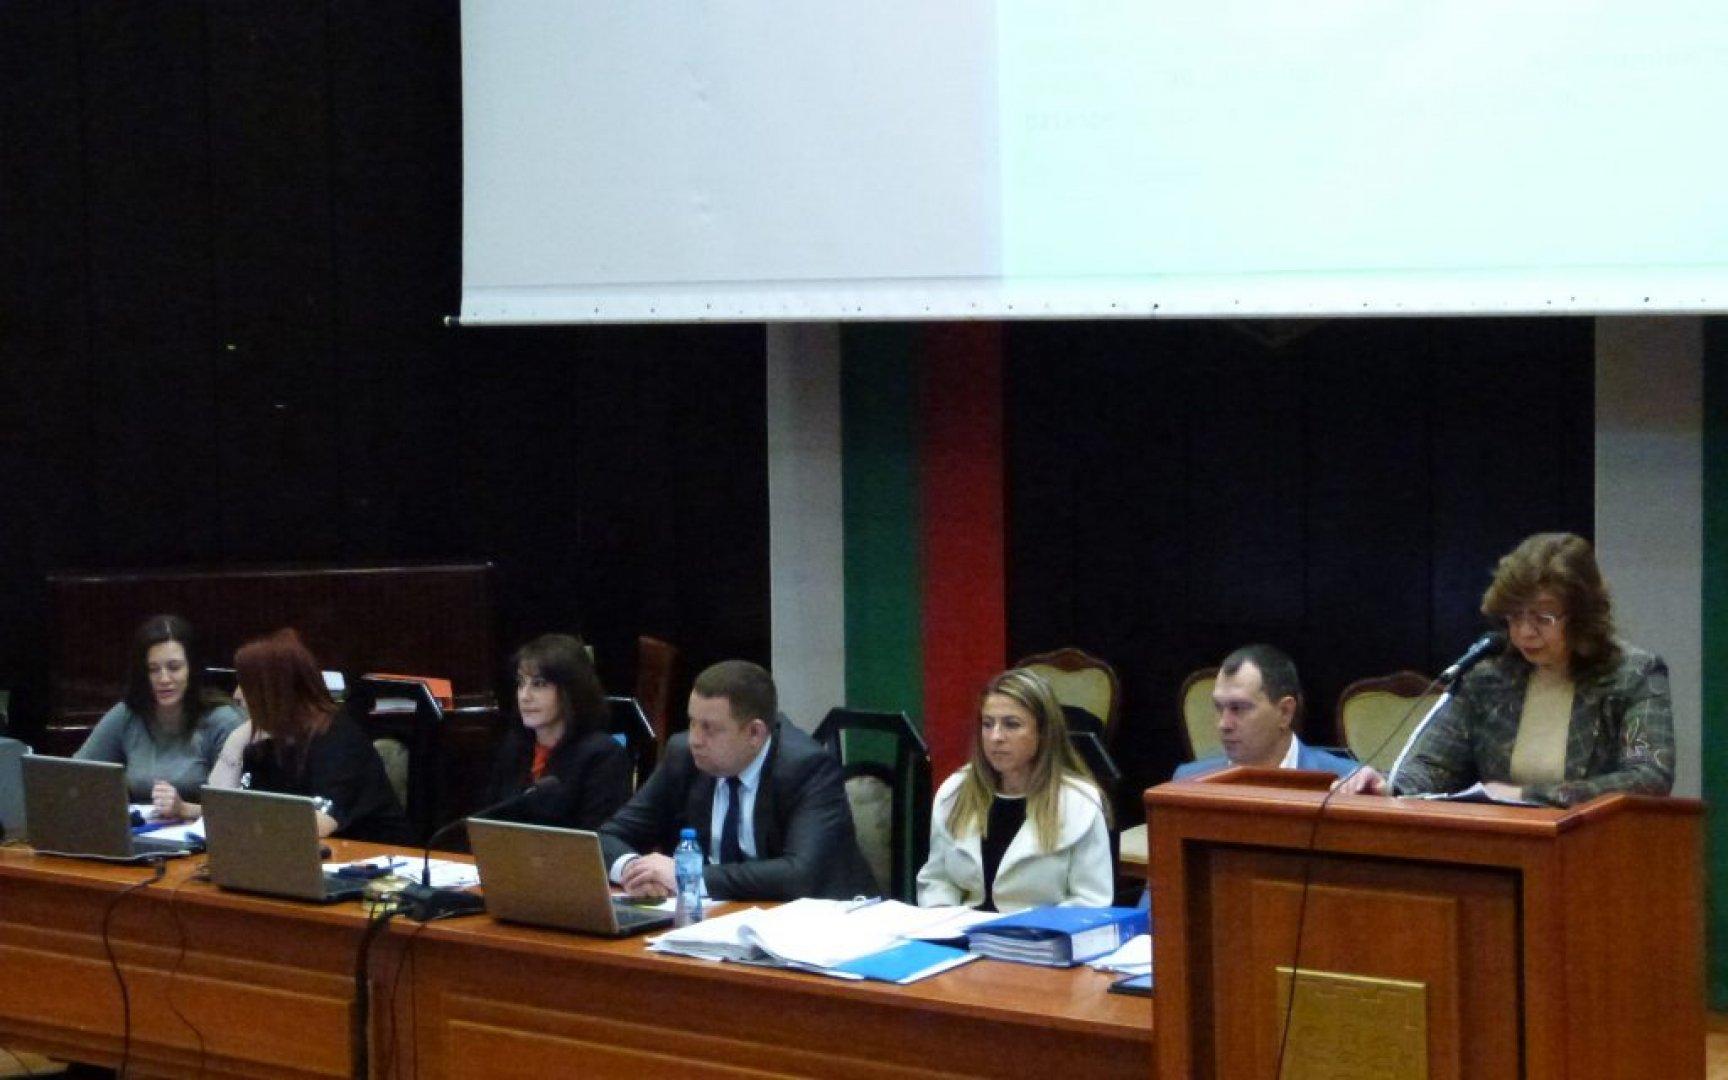 Час продължиха дебатите по докладната записка за бюджета на Варна. Снимки ОбС Варна